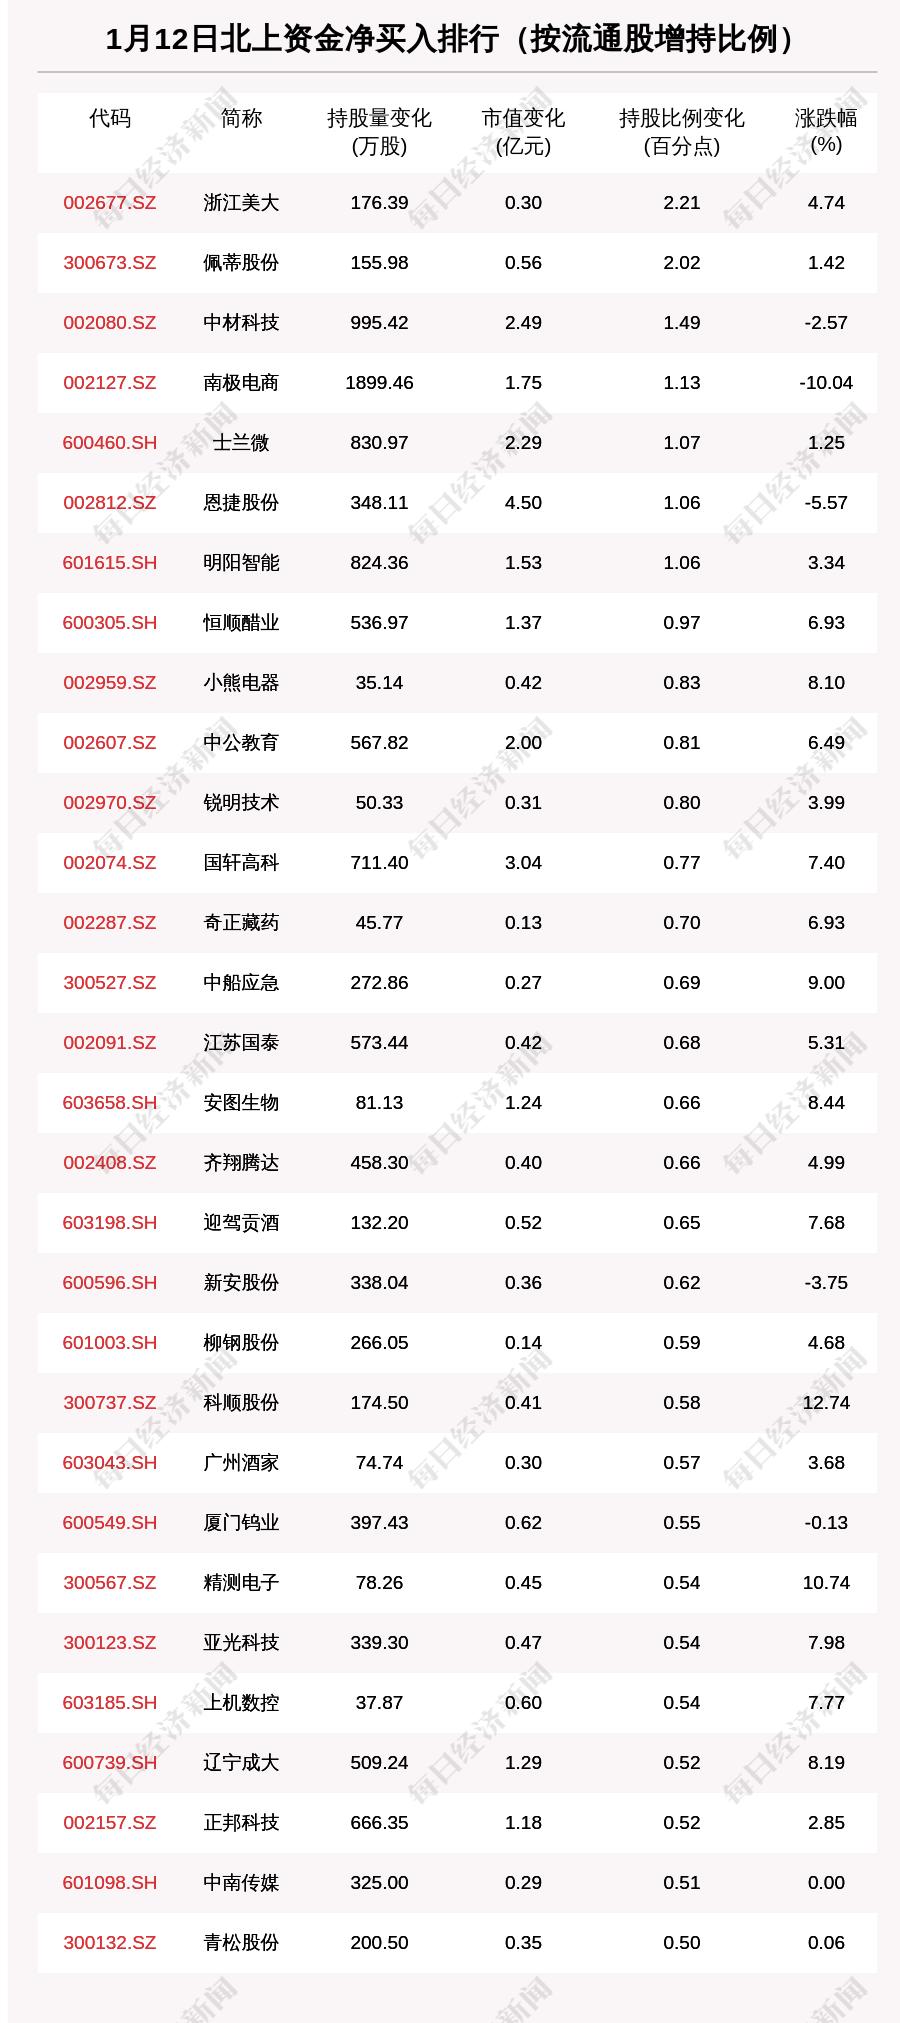 北向资金动向曝光:1月12日这30只个股被猛烈扫货(附名单)